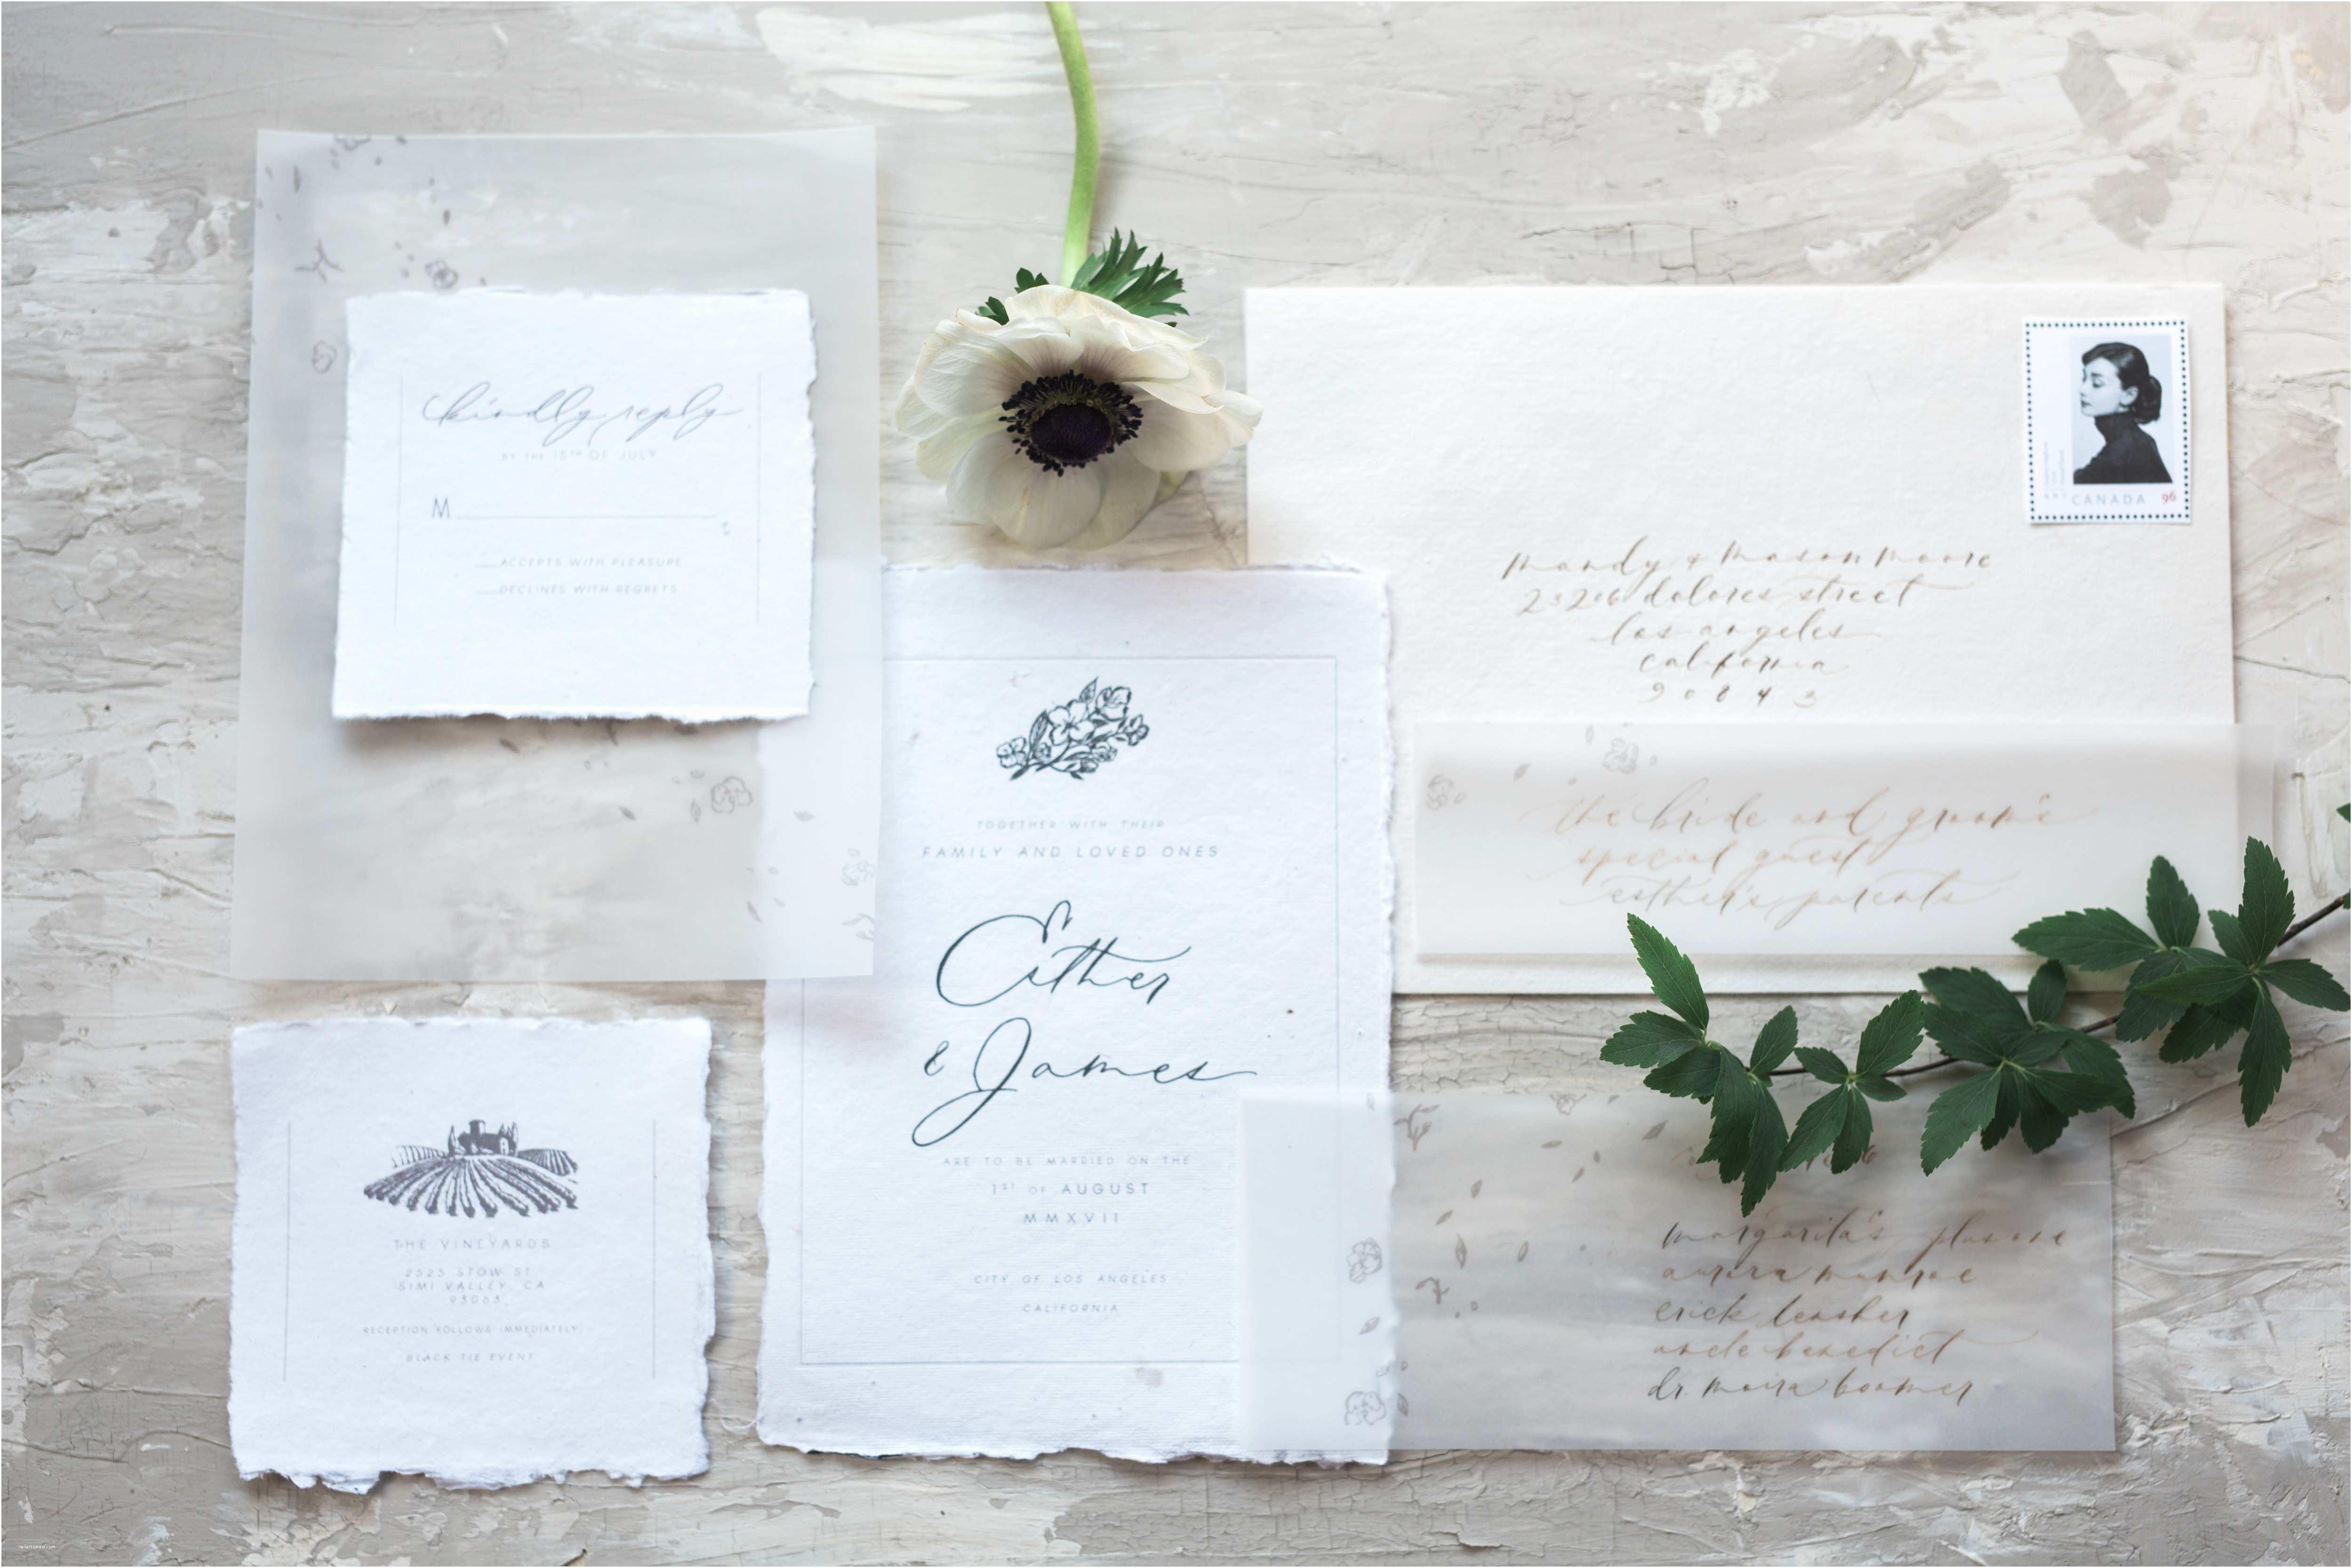 Vellum Wedding Invitations Elegant Pics Translucent Vellum Business Cards